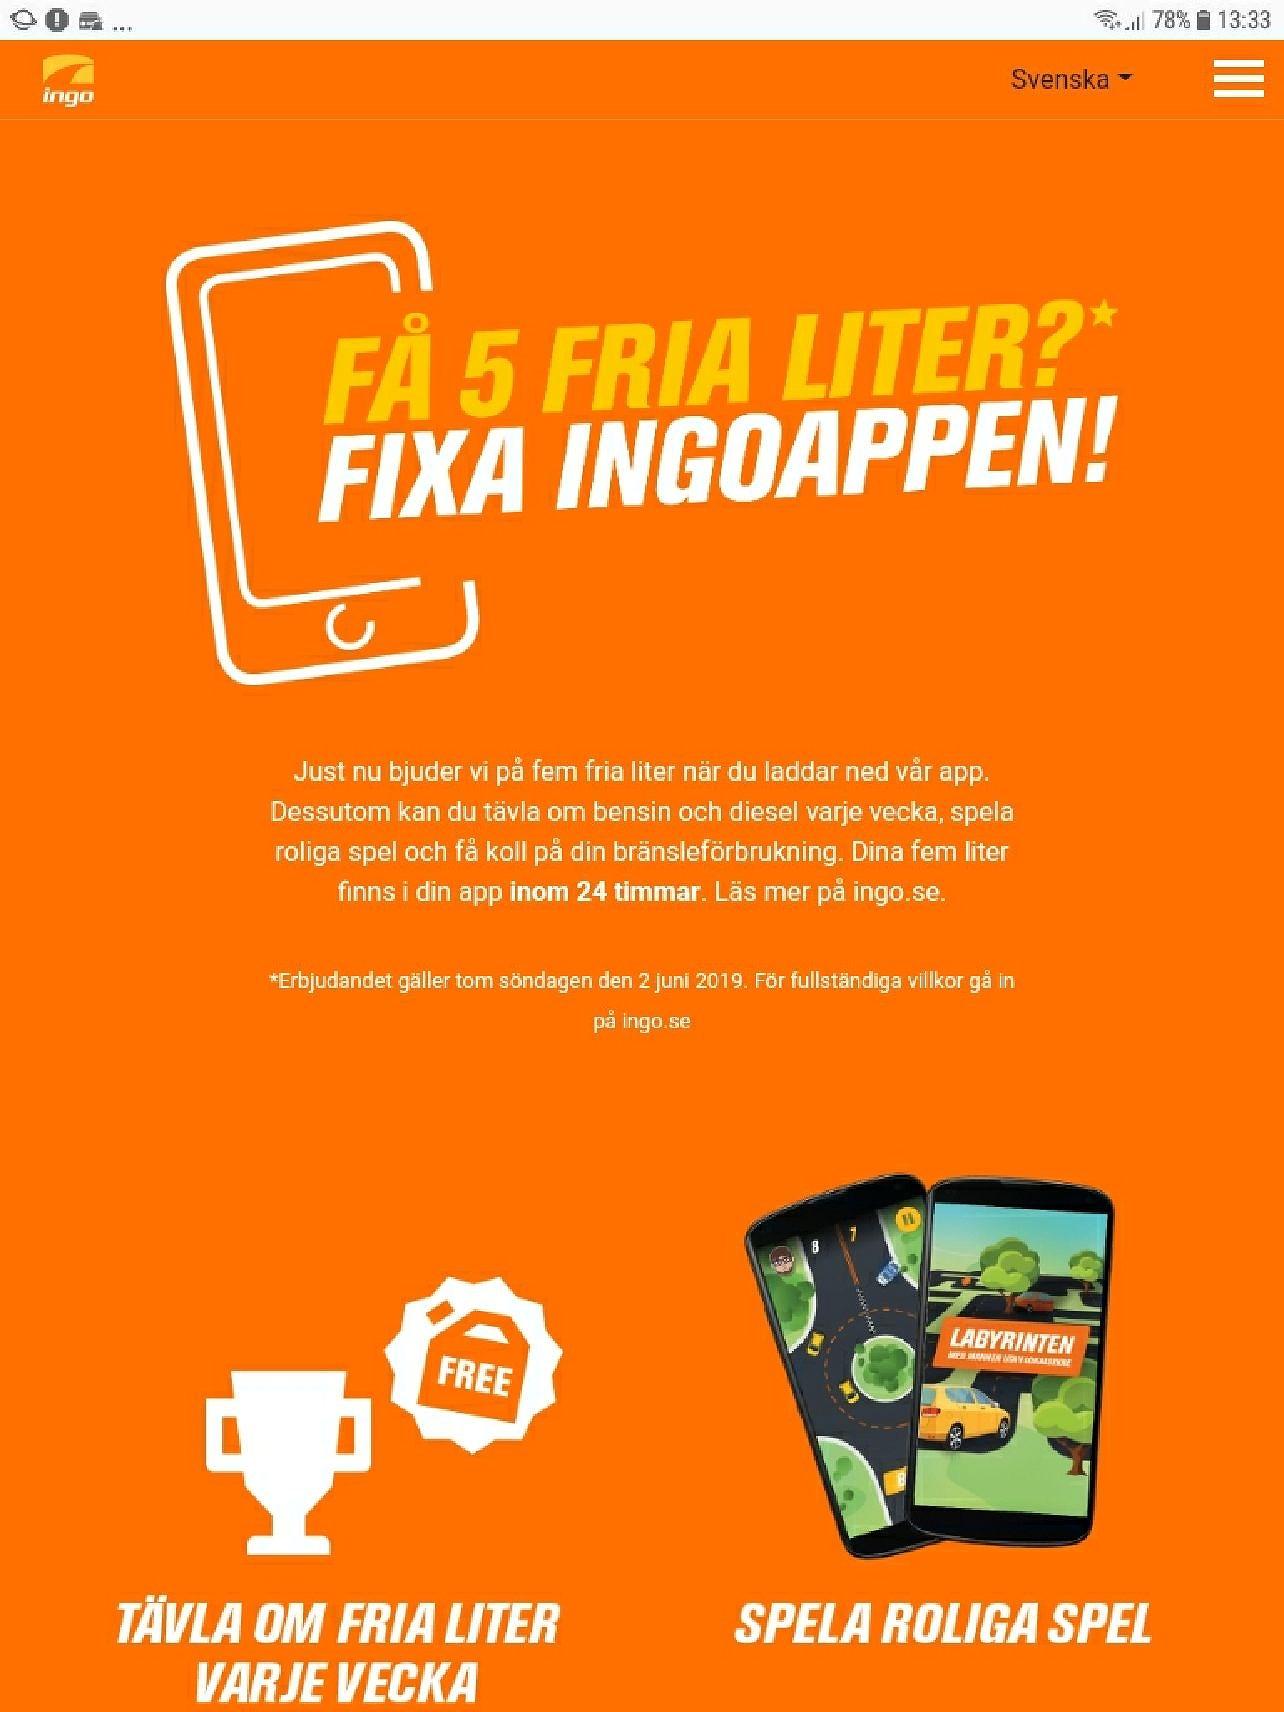 Ladda ned Ingo app och få 5 liter gratis drivmedel!